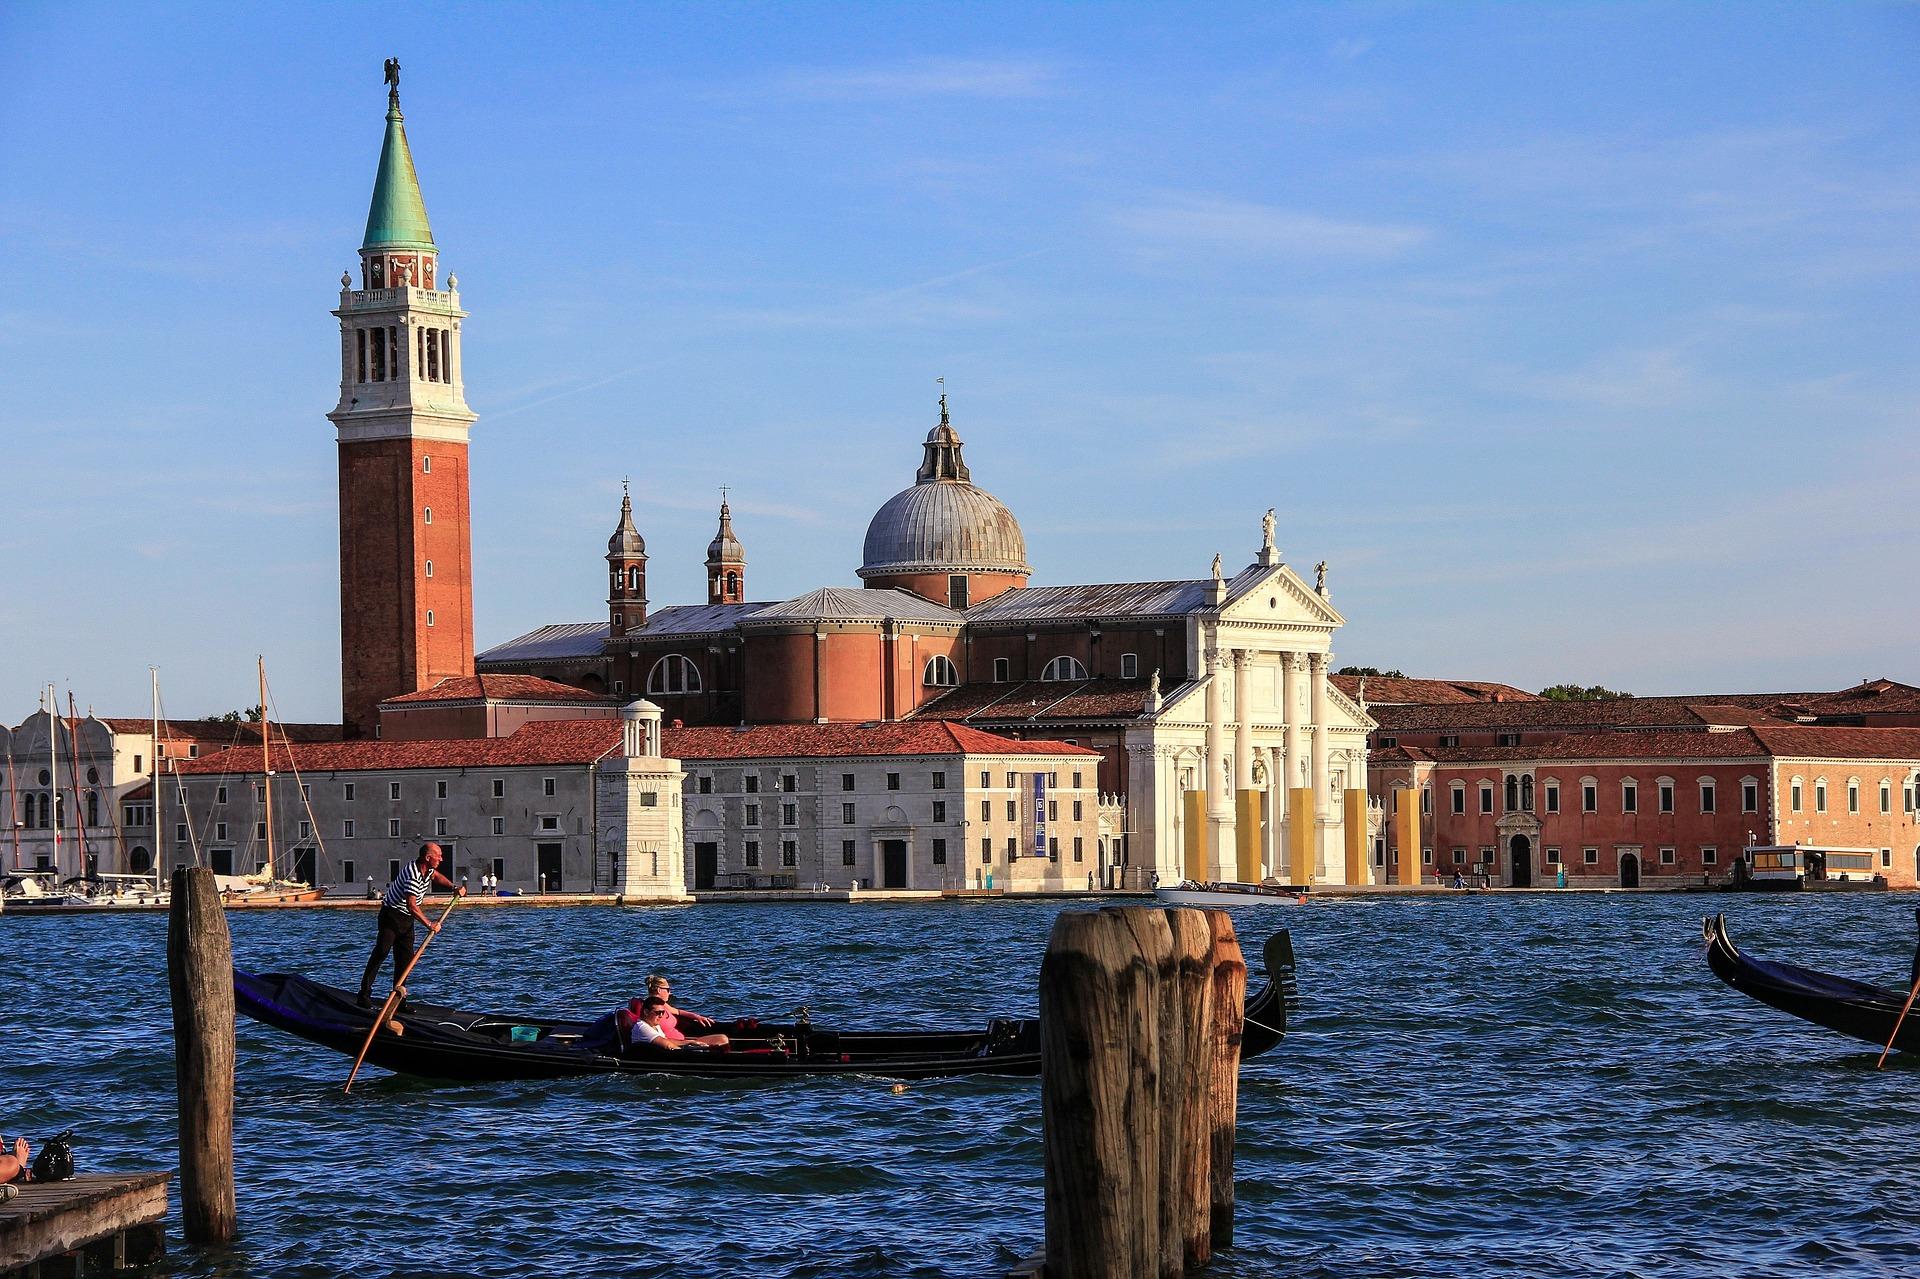 Handmade - Homo Faber 2018 - San Giorgio Maggiore Island Venice - islands in venice - craftsmanship preservation